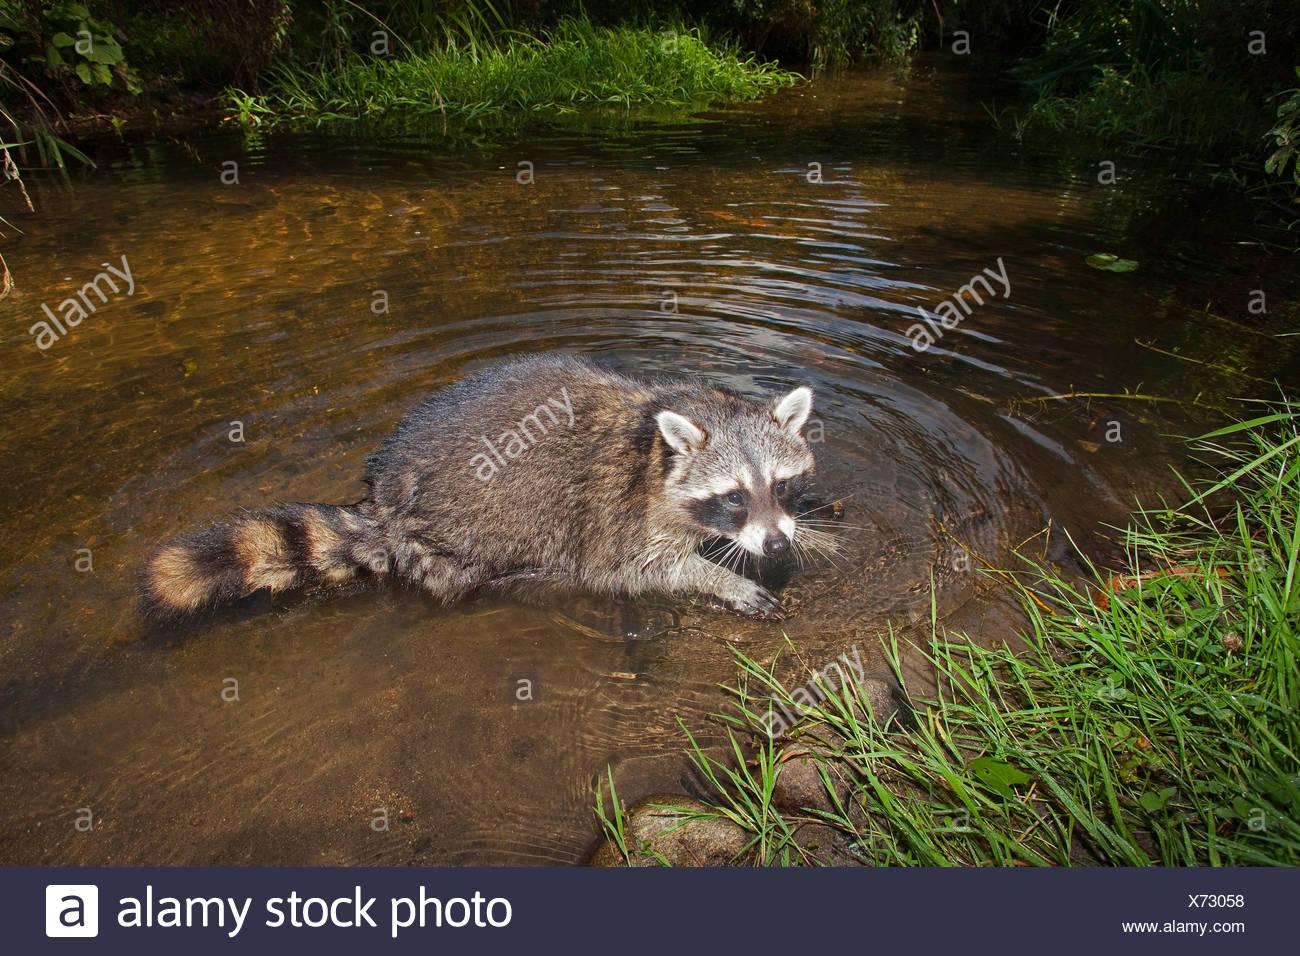 Comunes de mapache (Procyon lotor), seis meses de baño masculinos, Alemania Imagen De Stock